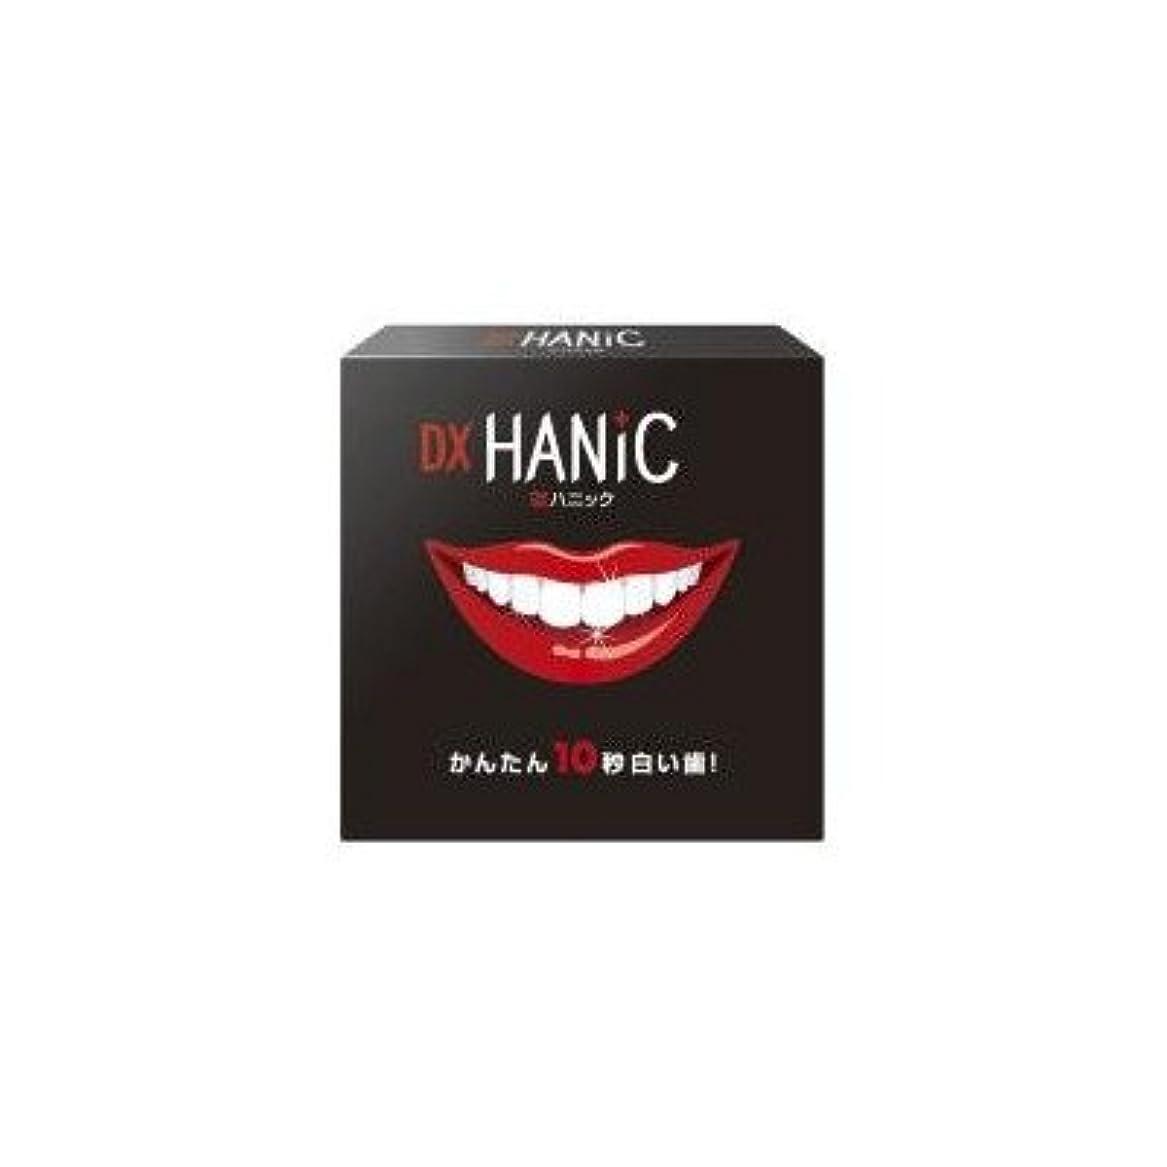 豪華な敗北サッカー塗るだけで真っ白に魅せる歯のマニキュア DXハニック デンタルコットン付き 歯のマニュキア?ペンタイプ